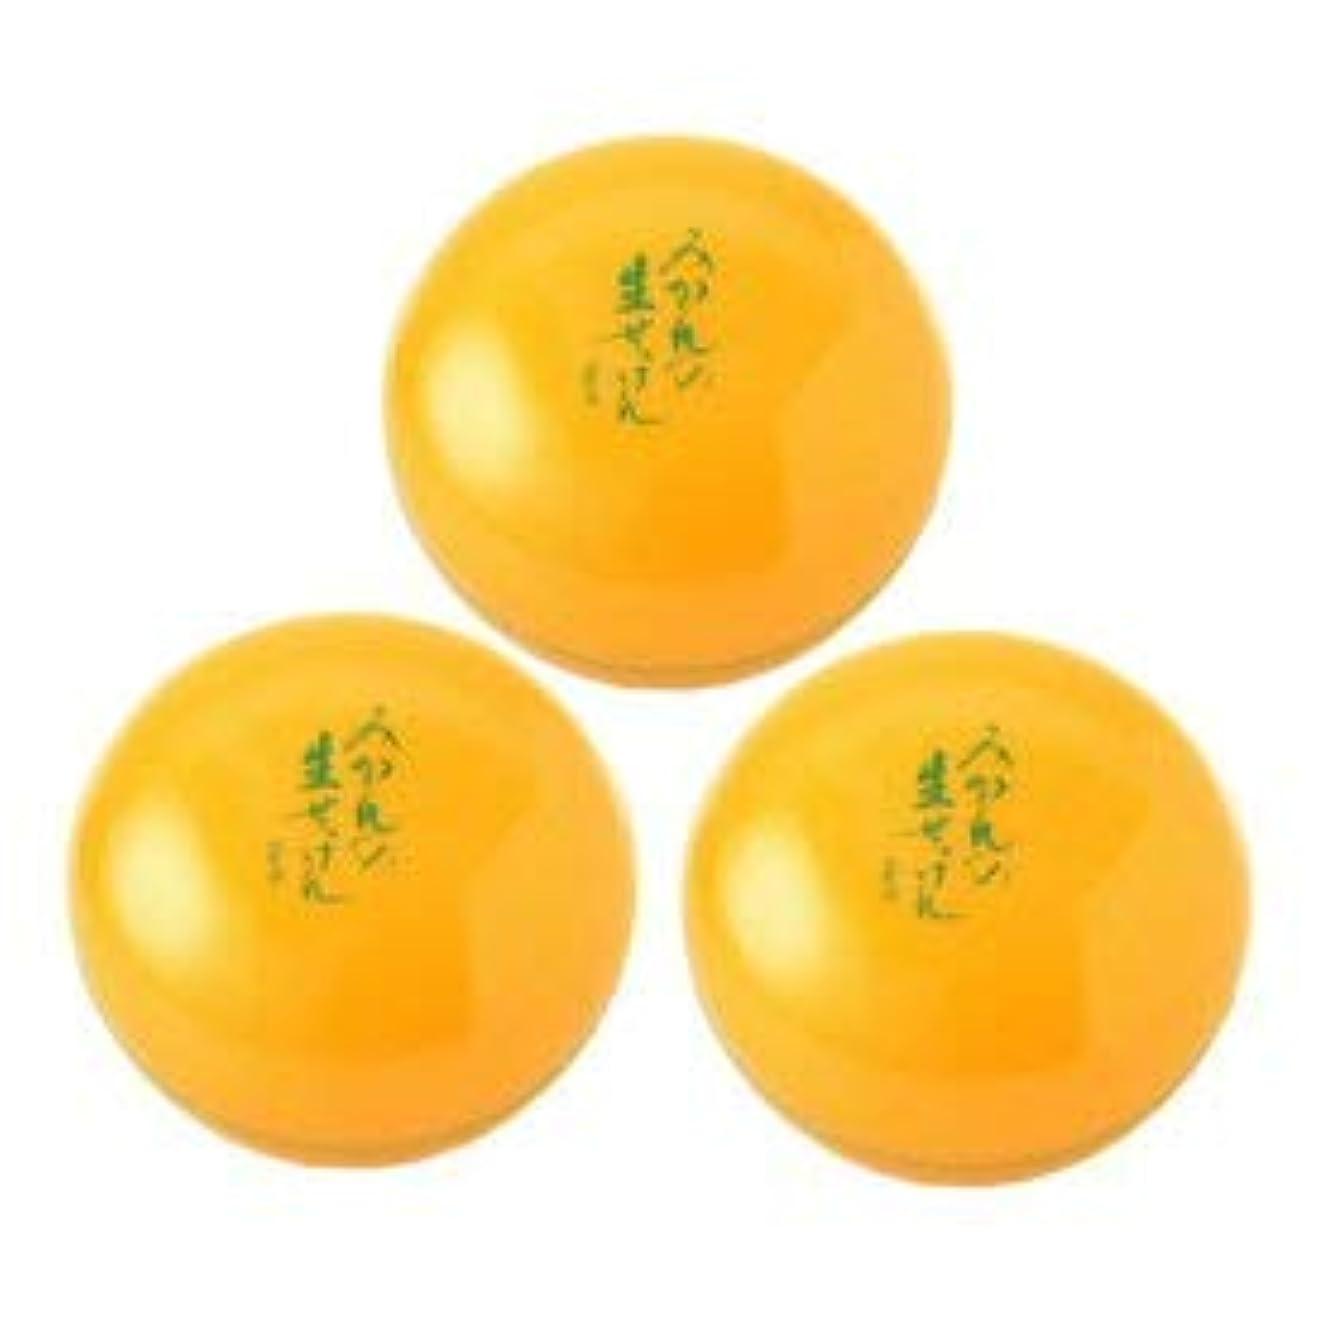 減衰漫画論文UYEKI美香柑みかんの生せっけん50g×3個セット